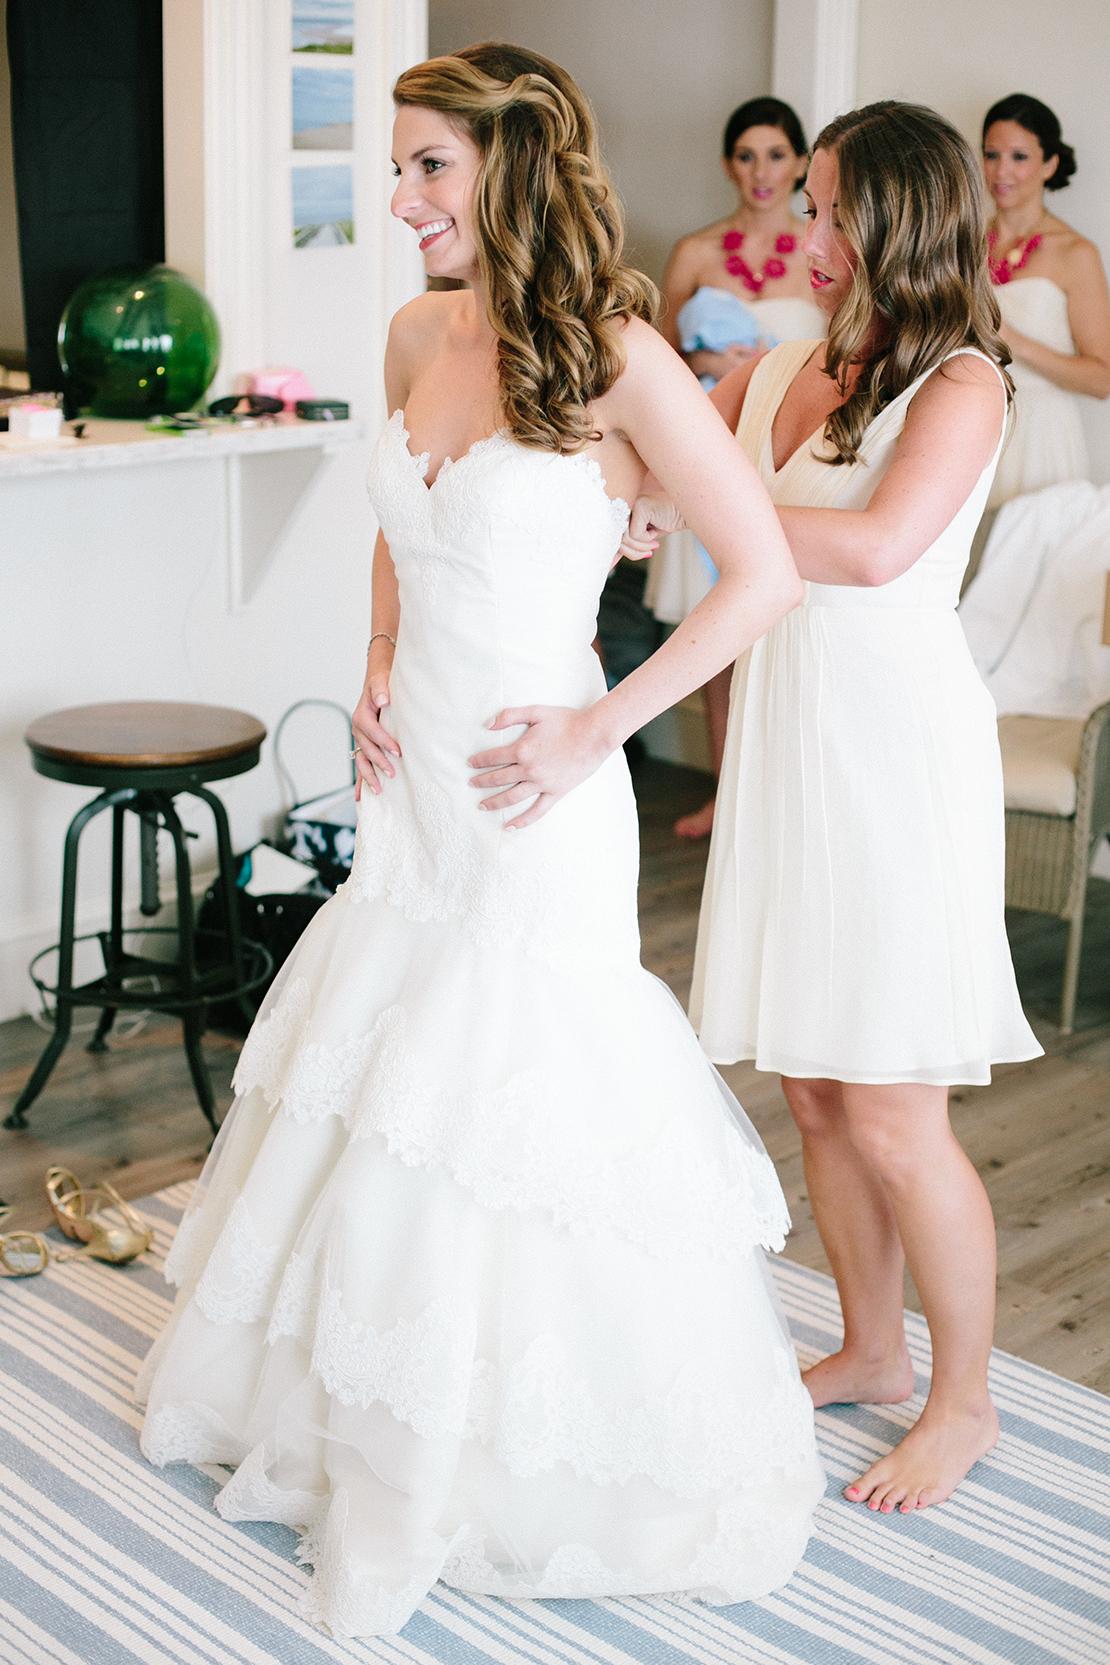 04_Wychmere_beach_club_wedding_putting_on_bridal_gown